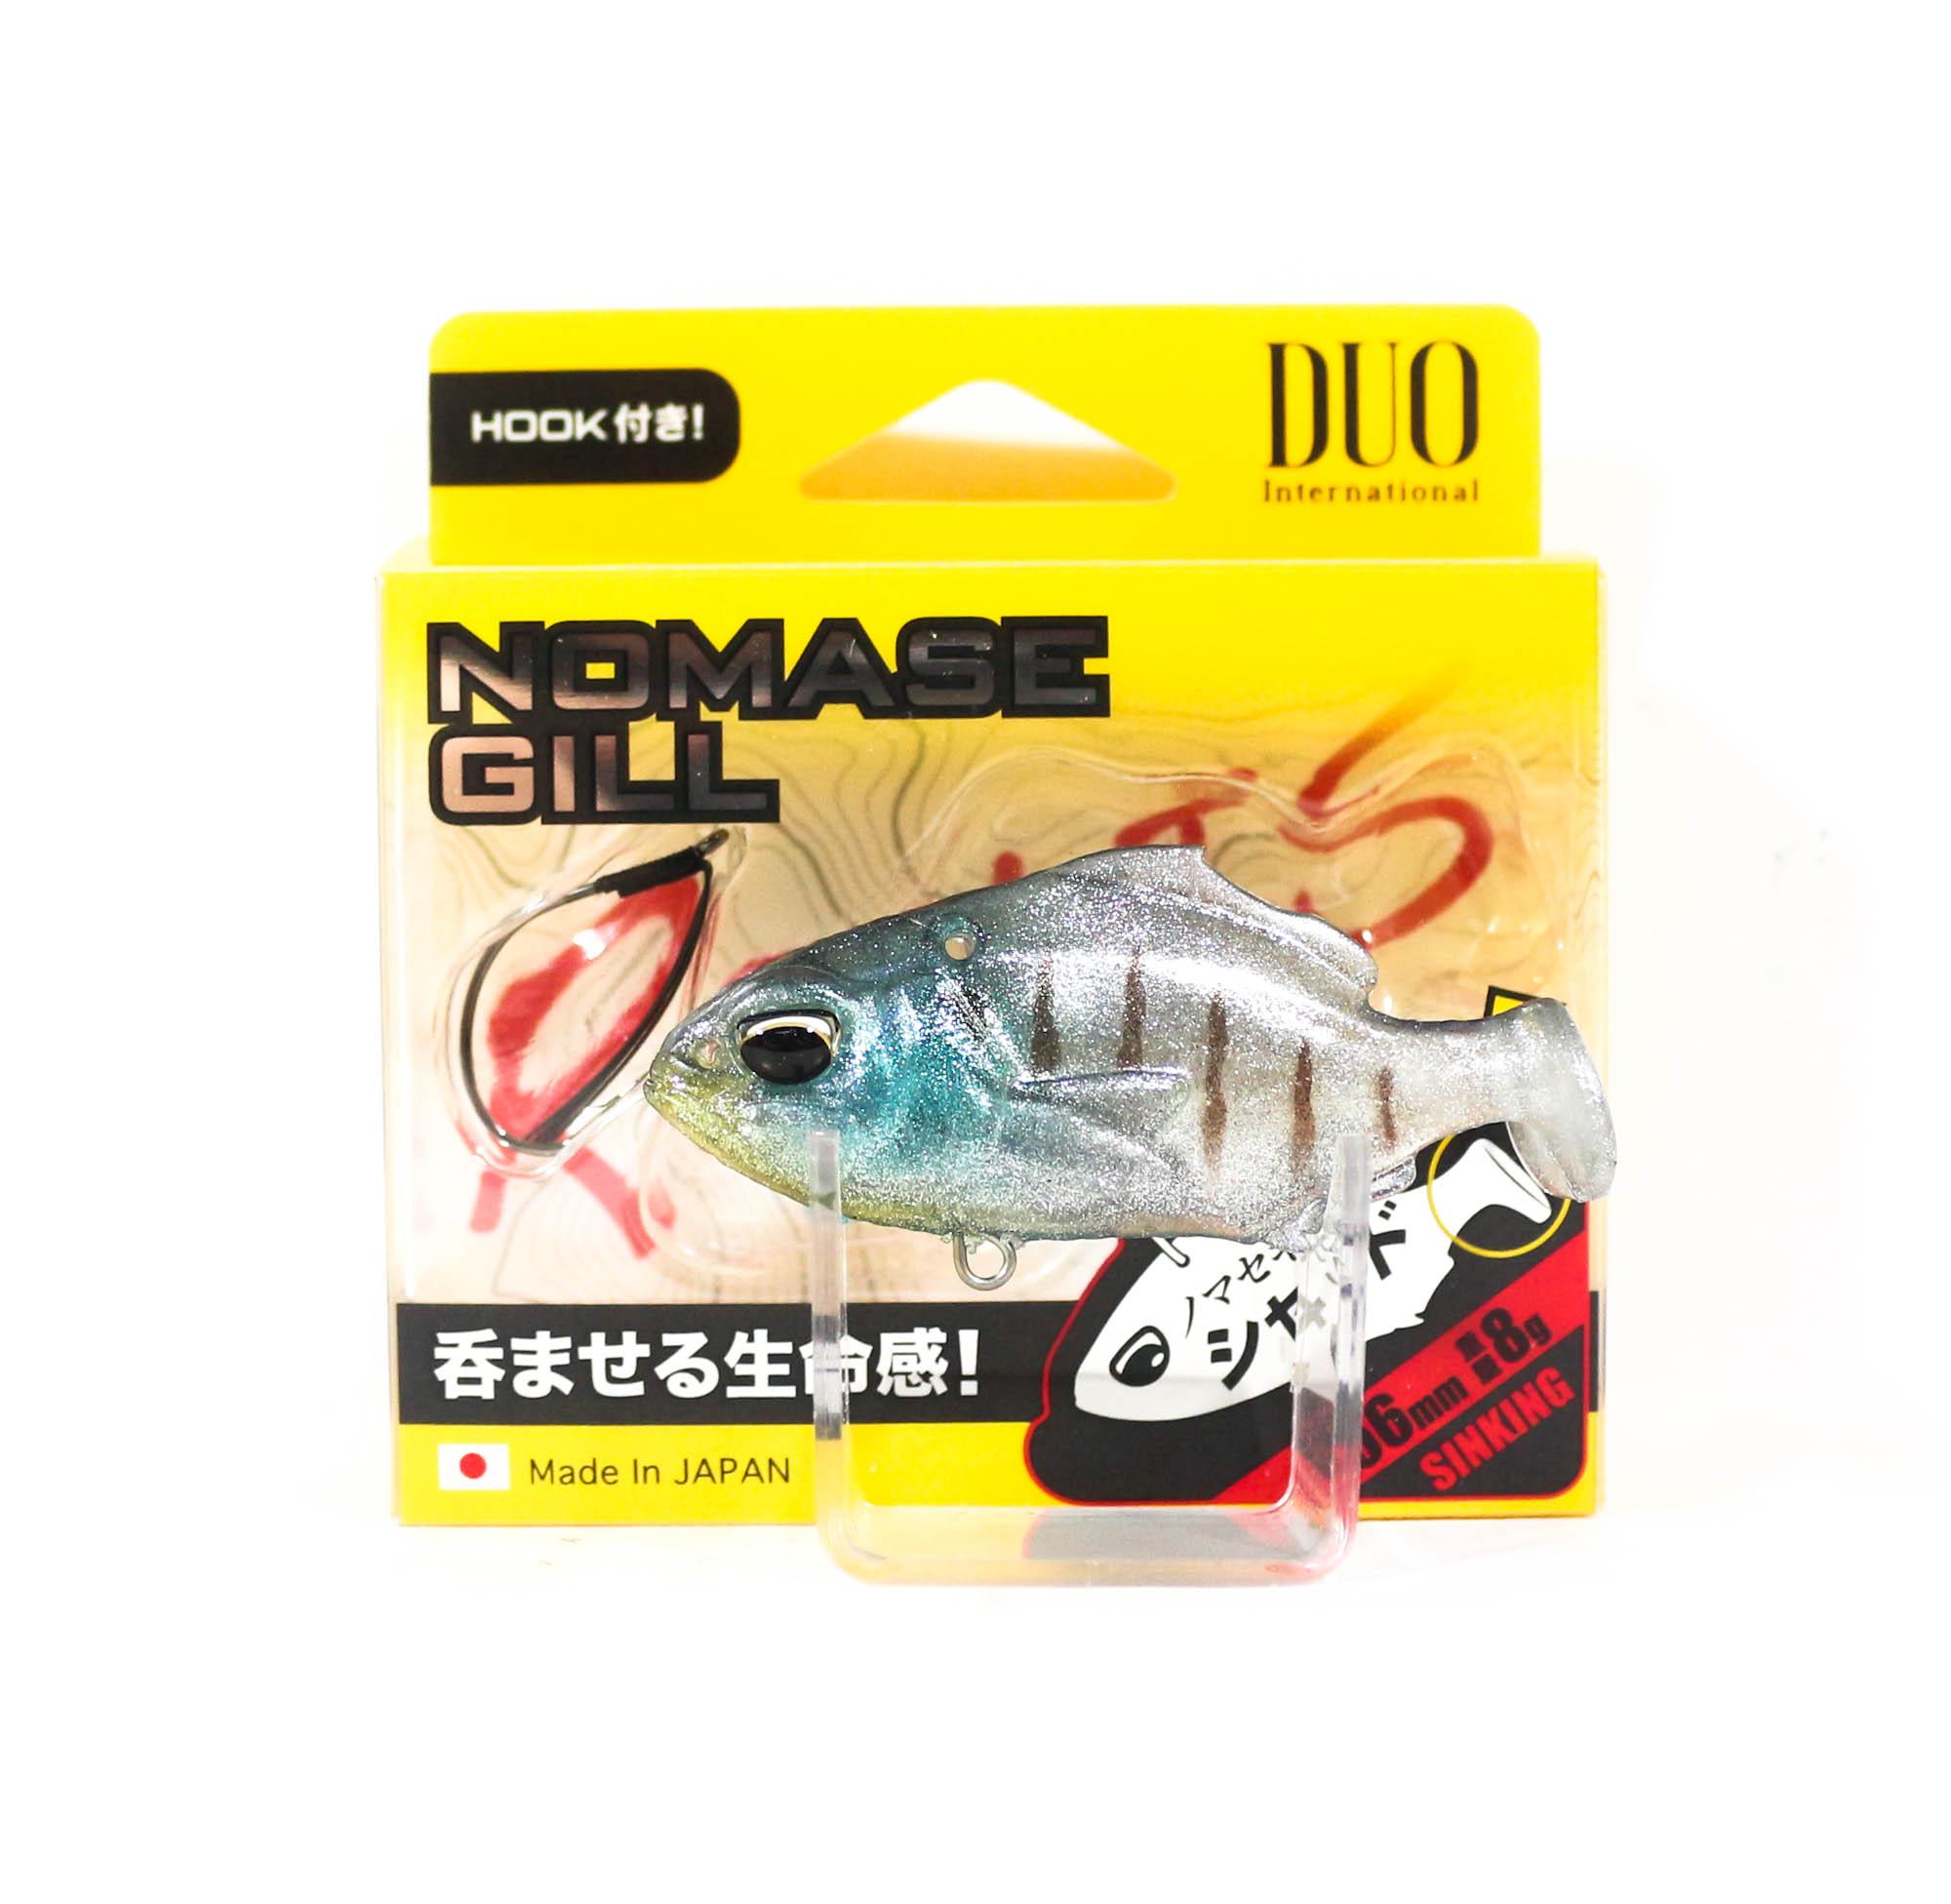 Duo Soft Lure Realis Nomase Gill Shad 5005 (0214)